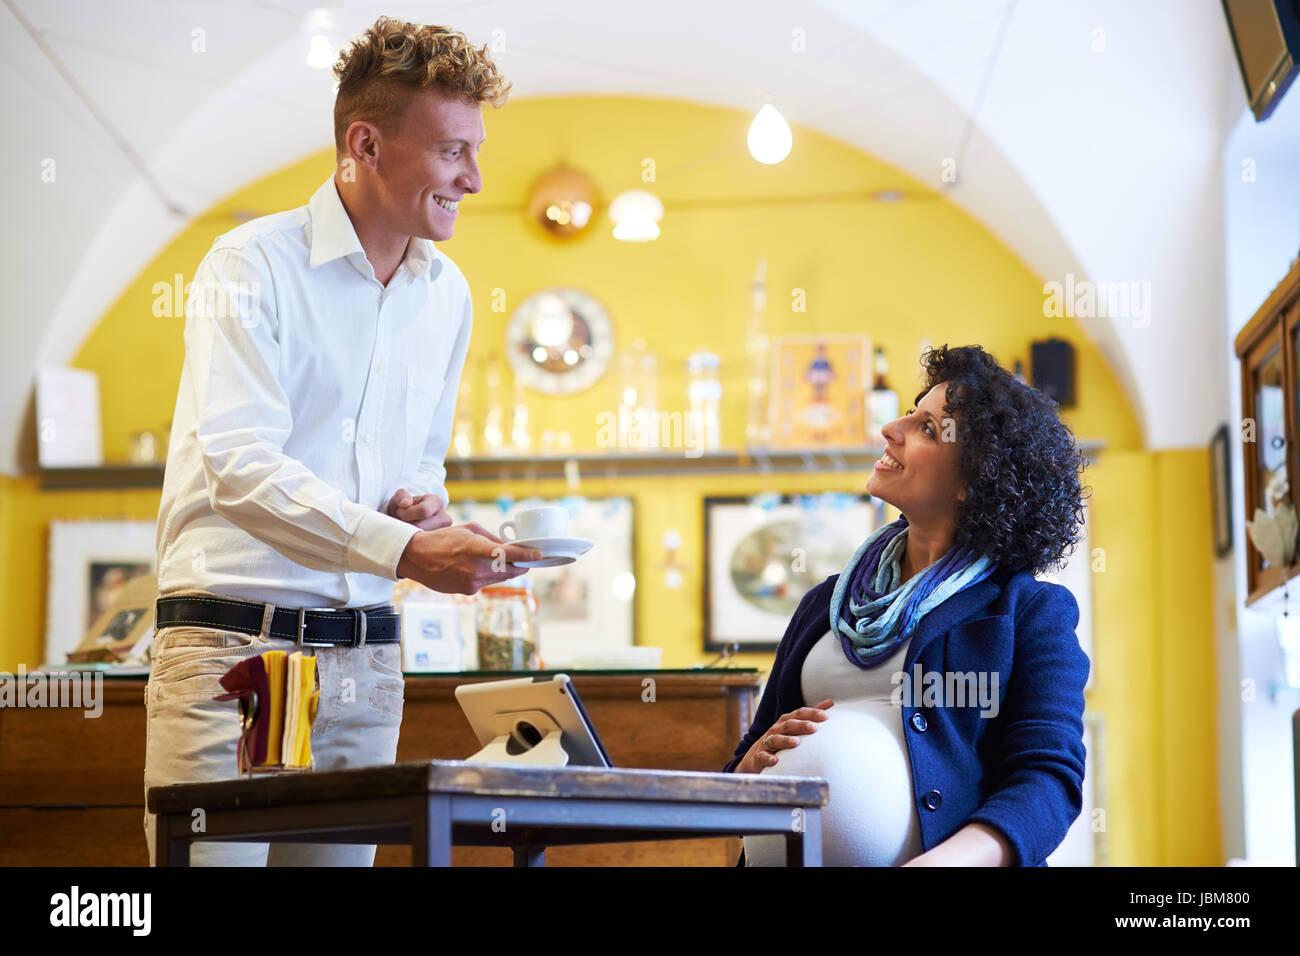 Menschen in Cafeteria mit Barkeeper servieren Espresso Kaffee, schwanger Geschäftsfrau mit Ipad am Tisch sitzen Stockfoto